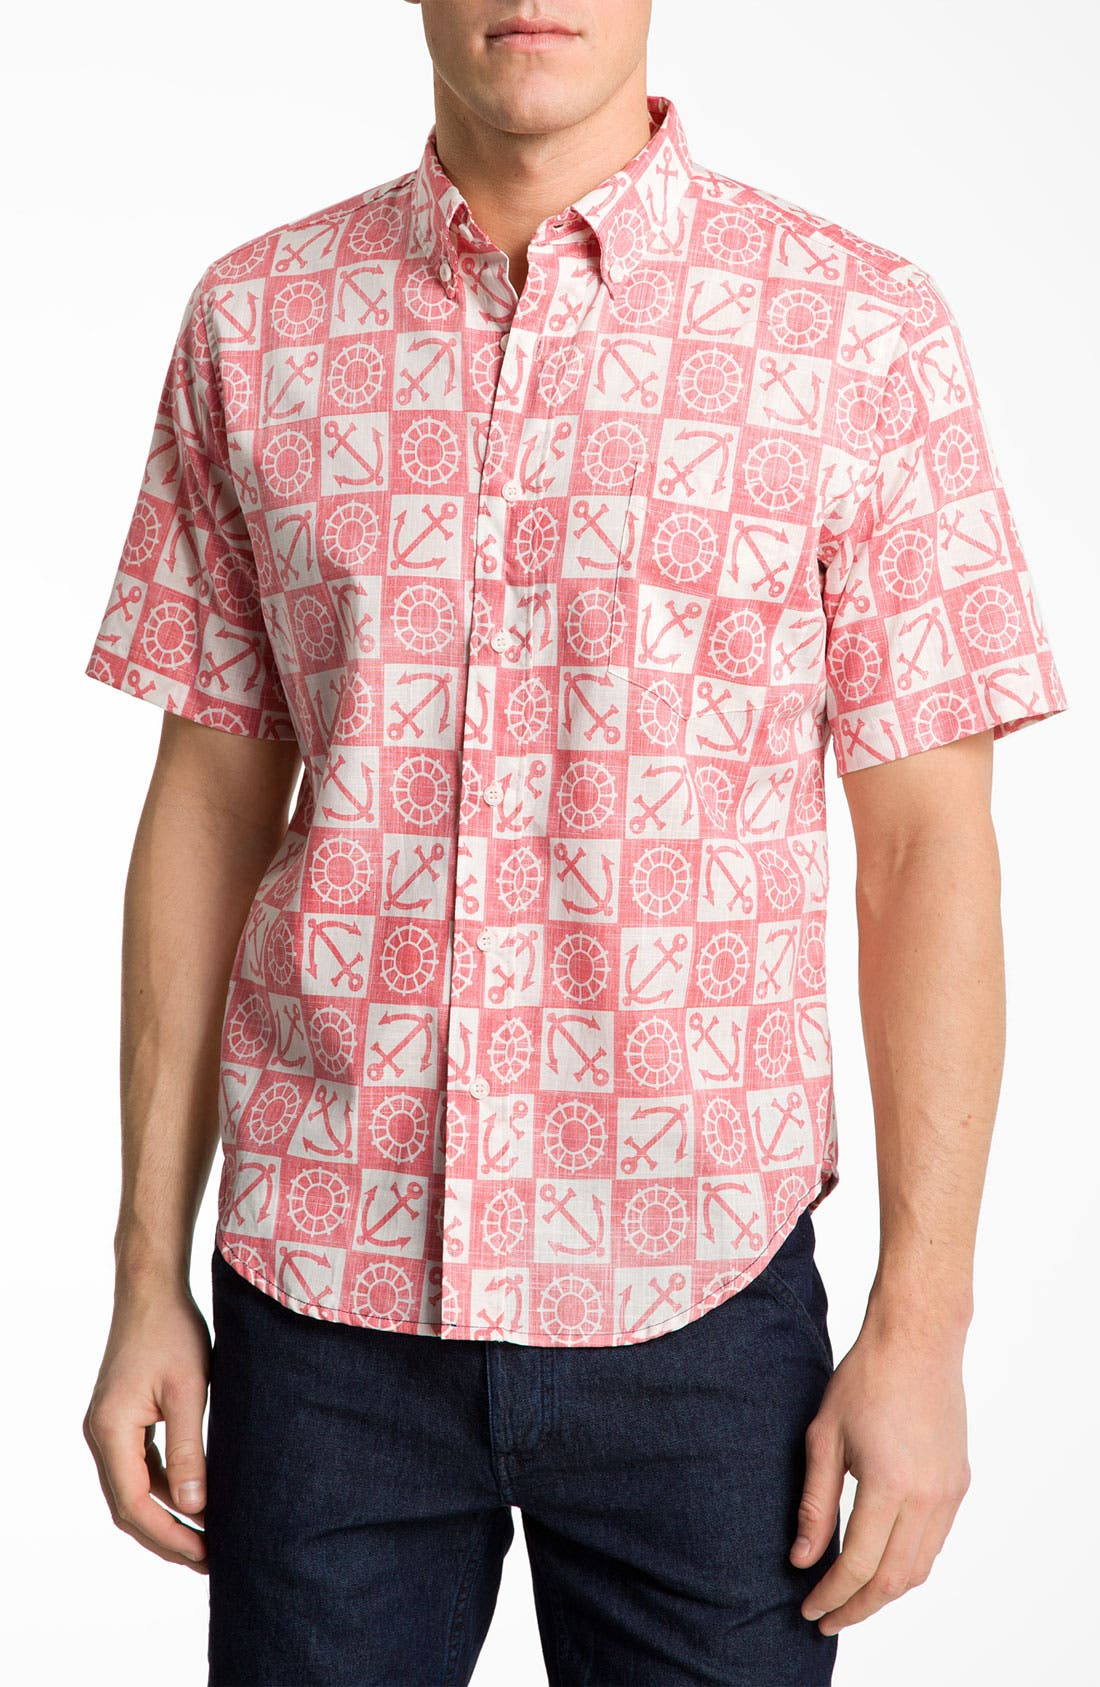 Alternate Image 1 Selected - Reyn Spooner 'Ko Olina Harbor' Woven Shirt.